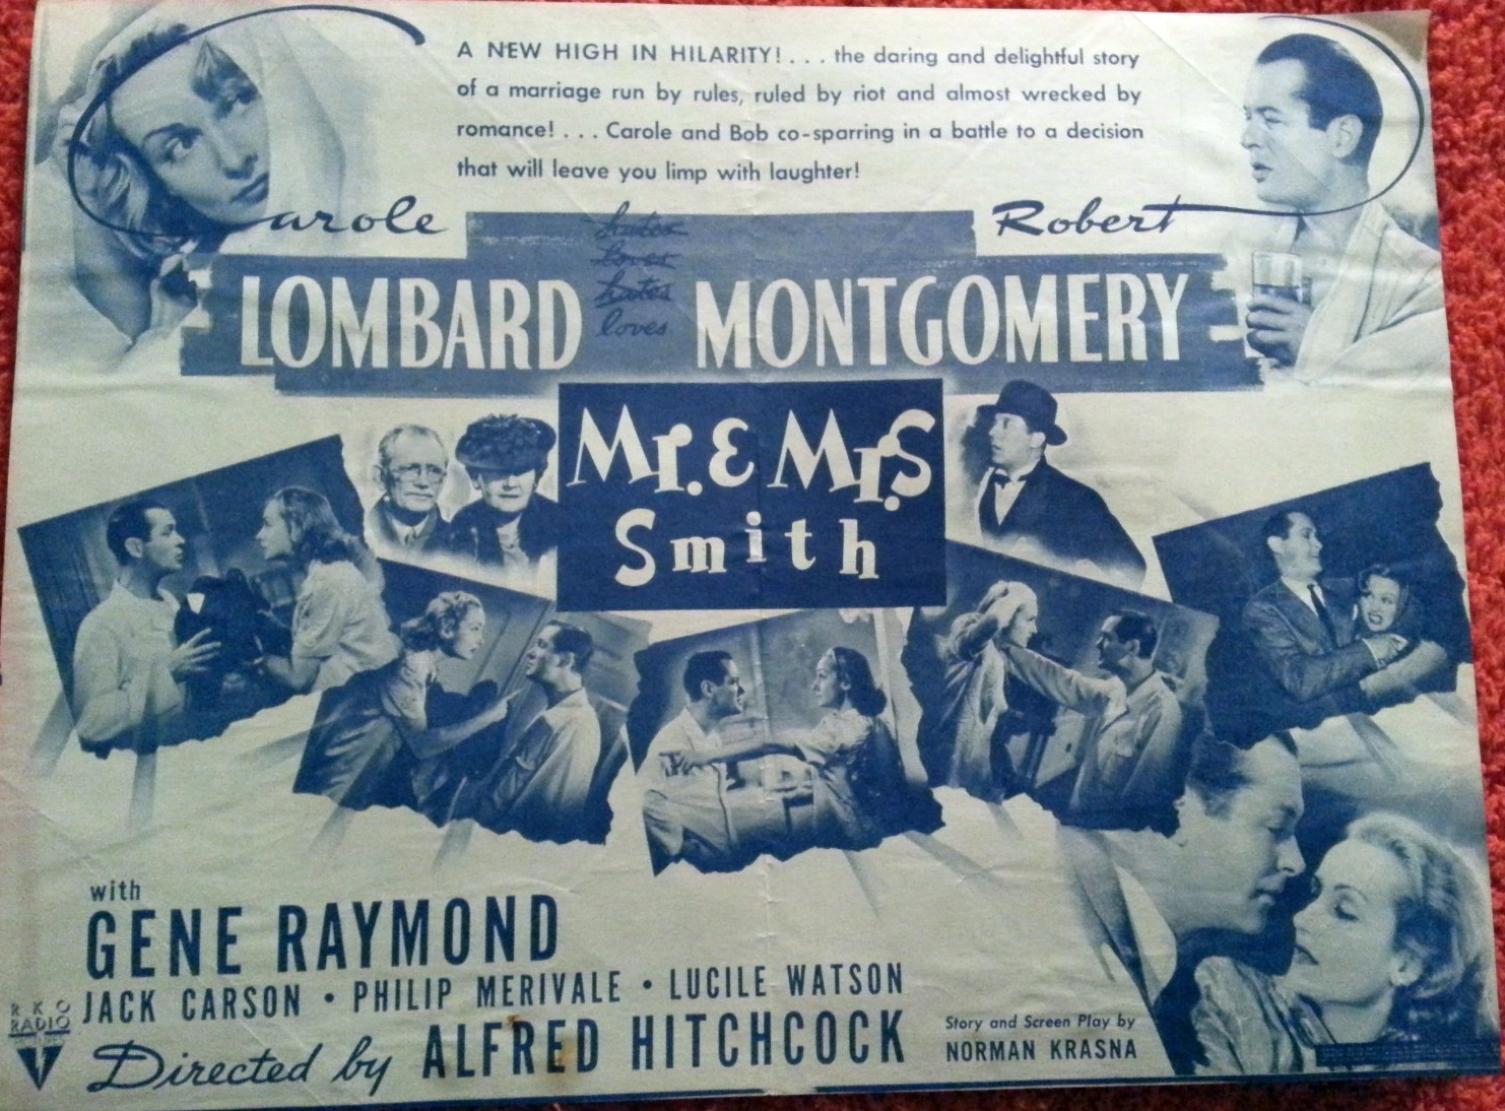 carole lombard mr. & mrs. smith majestic theater dallas 00a front